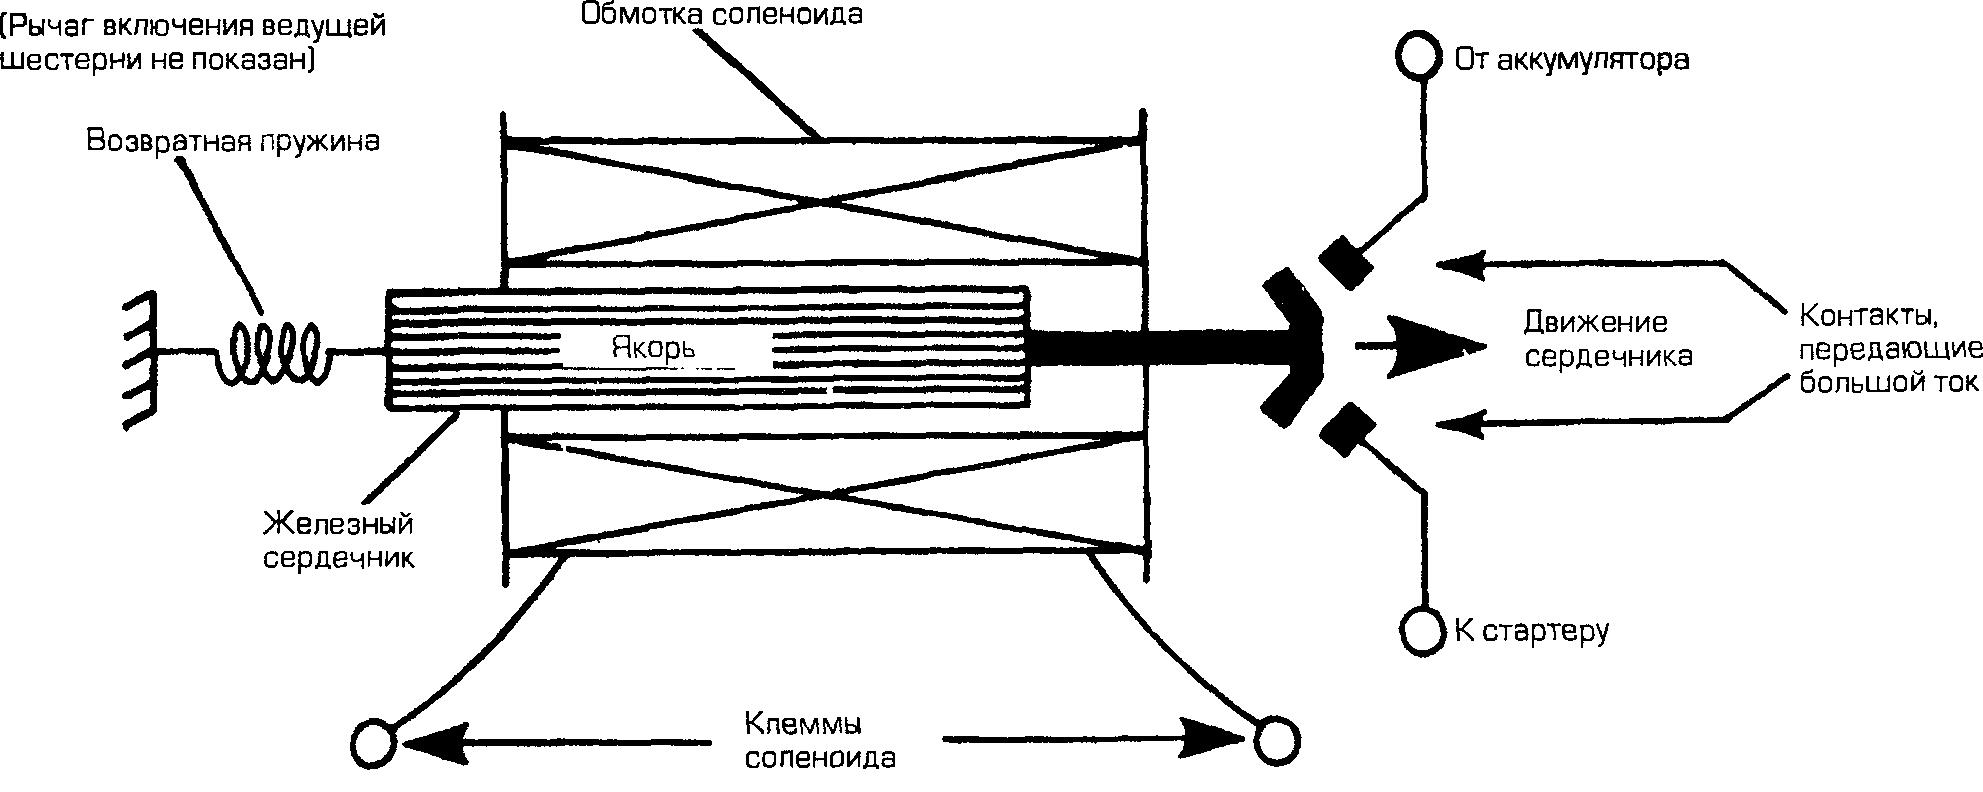 Соленоид и электромагнит